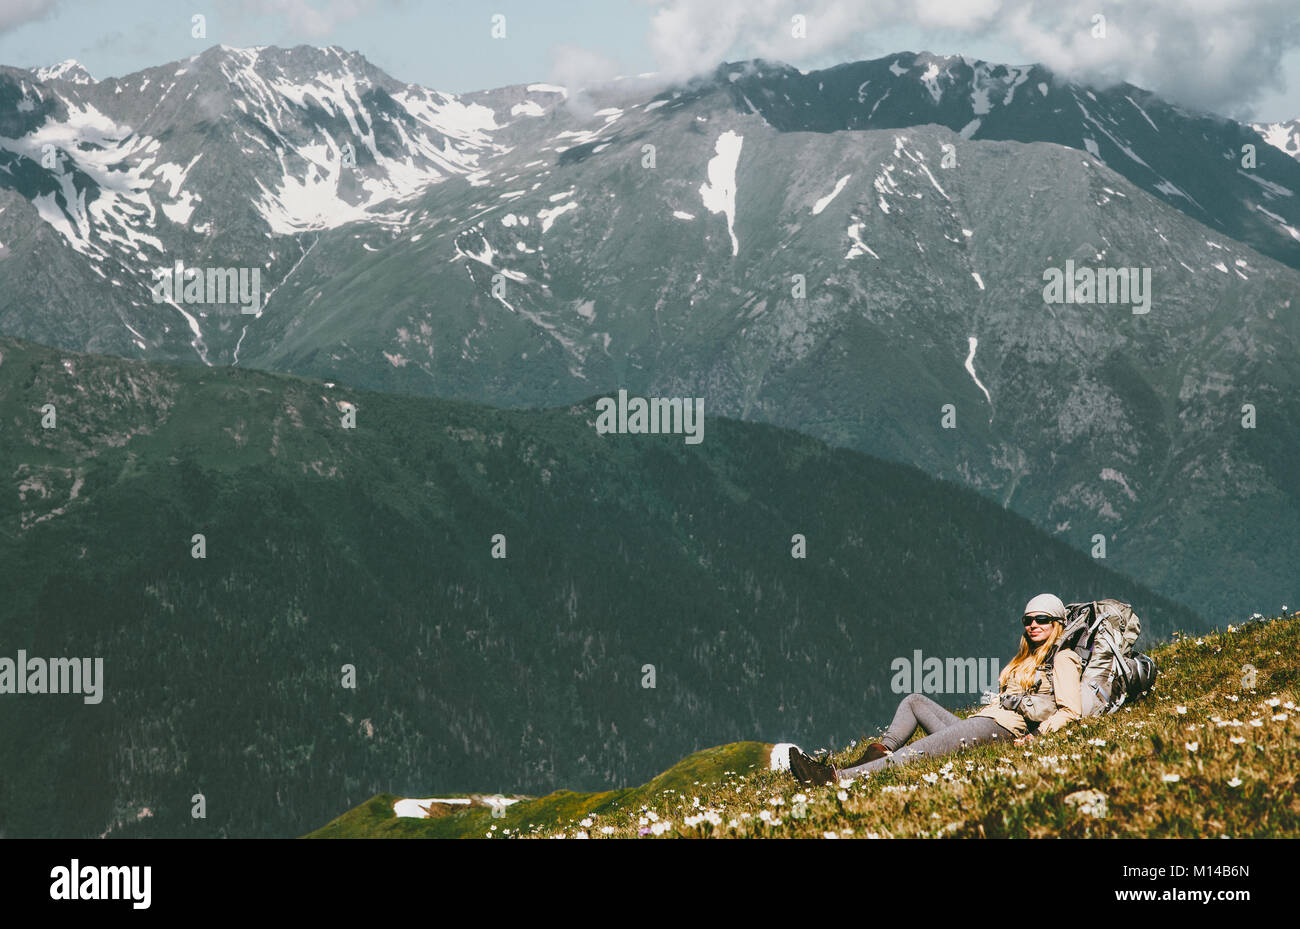 Mujer de relax en las montañas sentar con mochila wanderlust Adventure Travel concepto de estilo de vida saludable Imagen De Stock